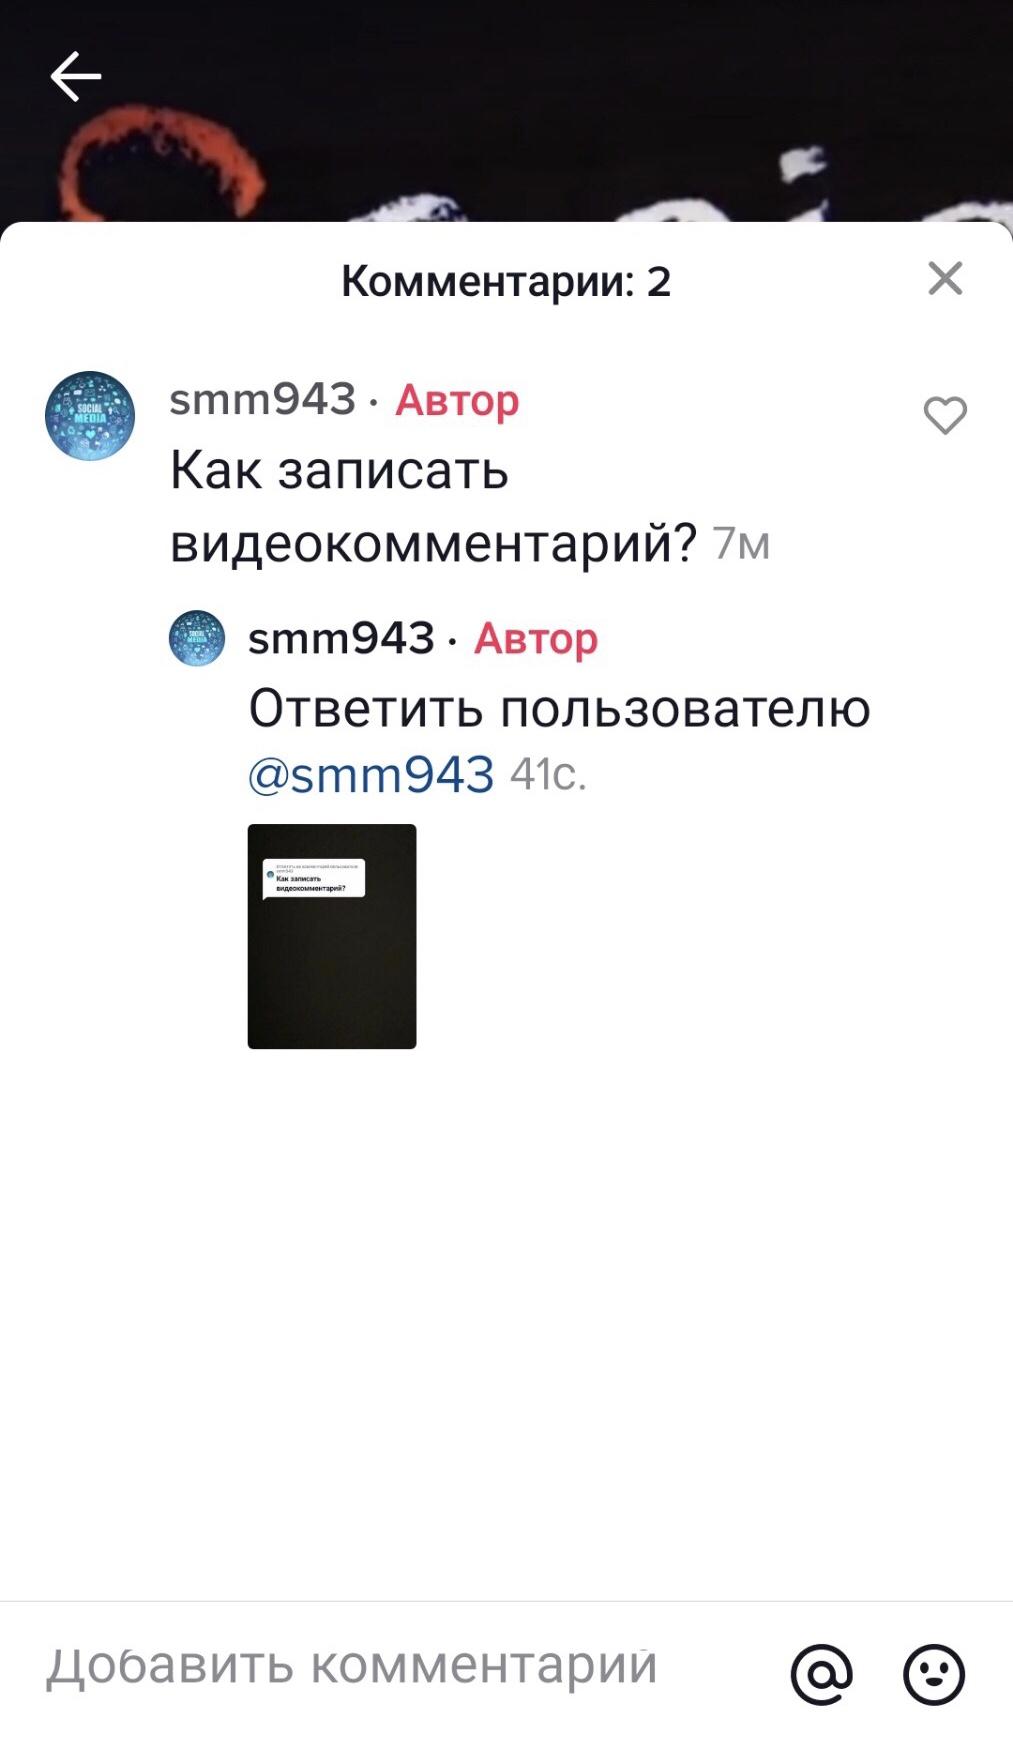 Отображение видеозаписи в комментариях